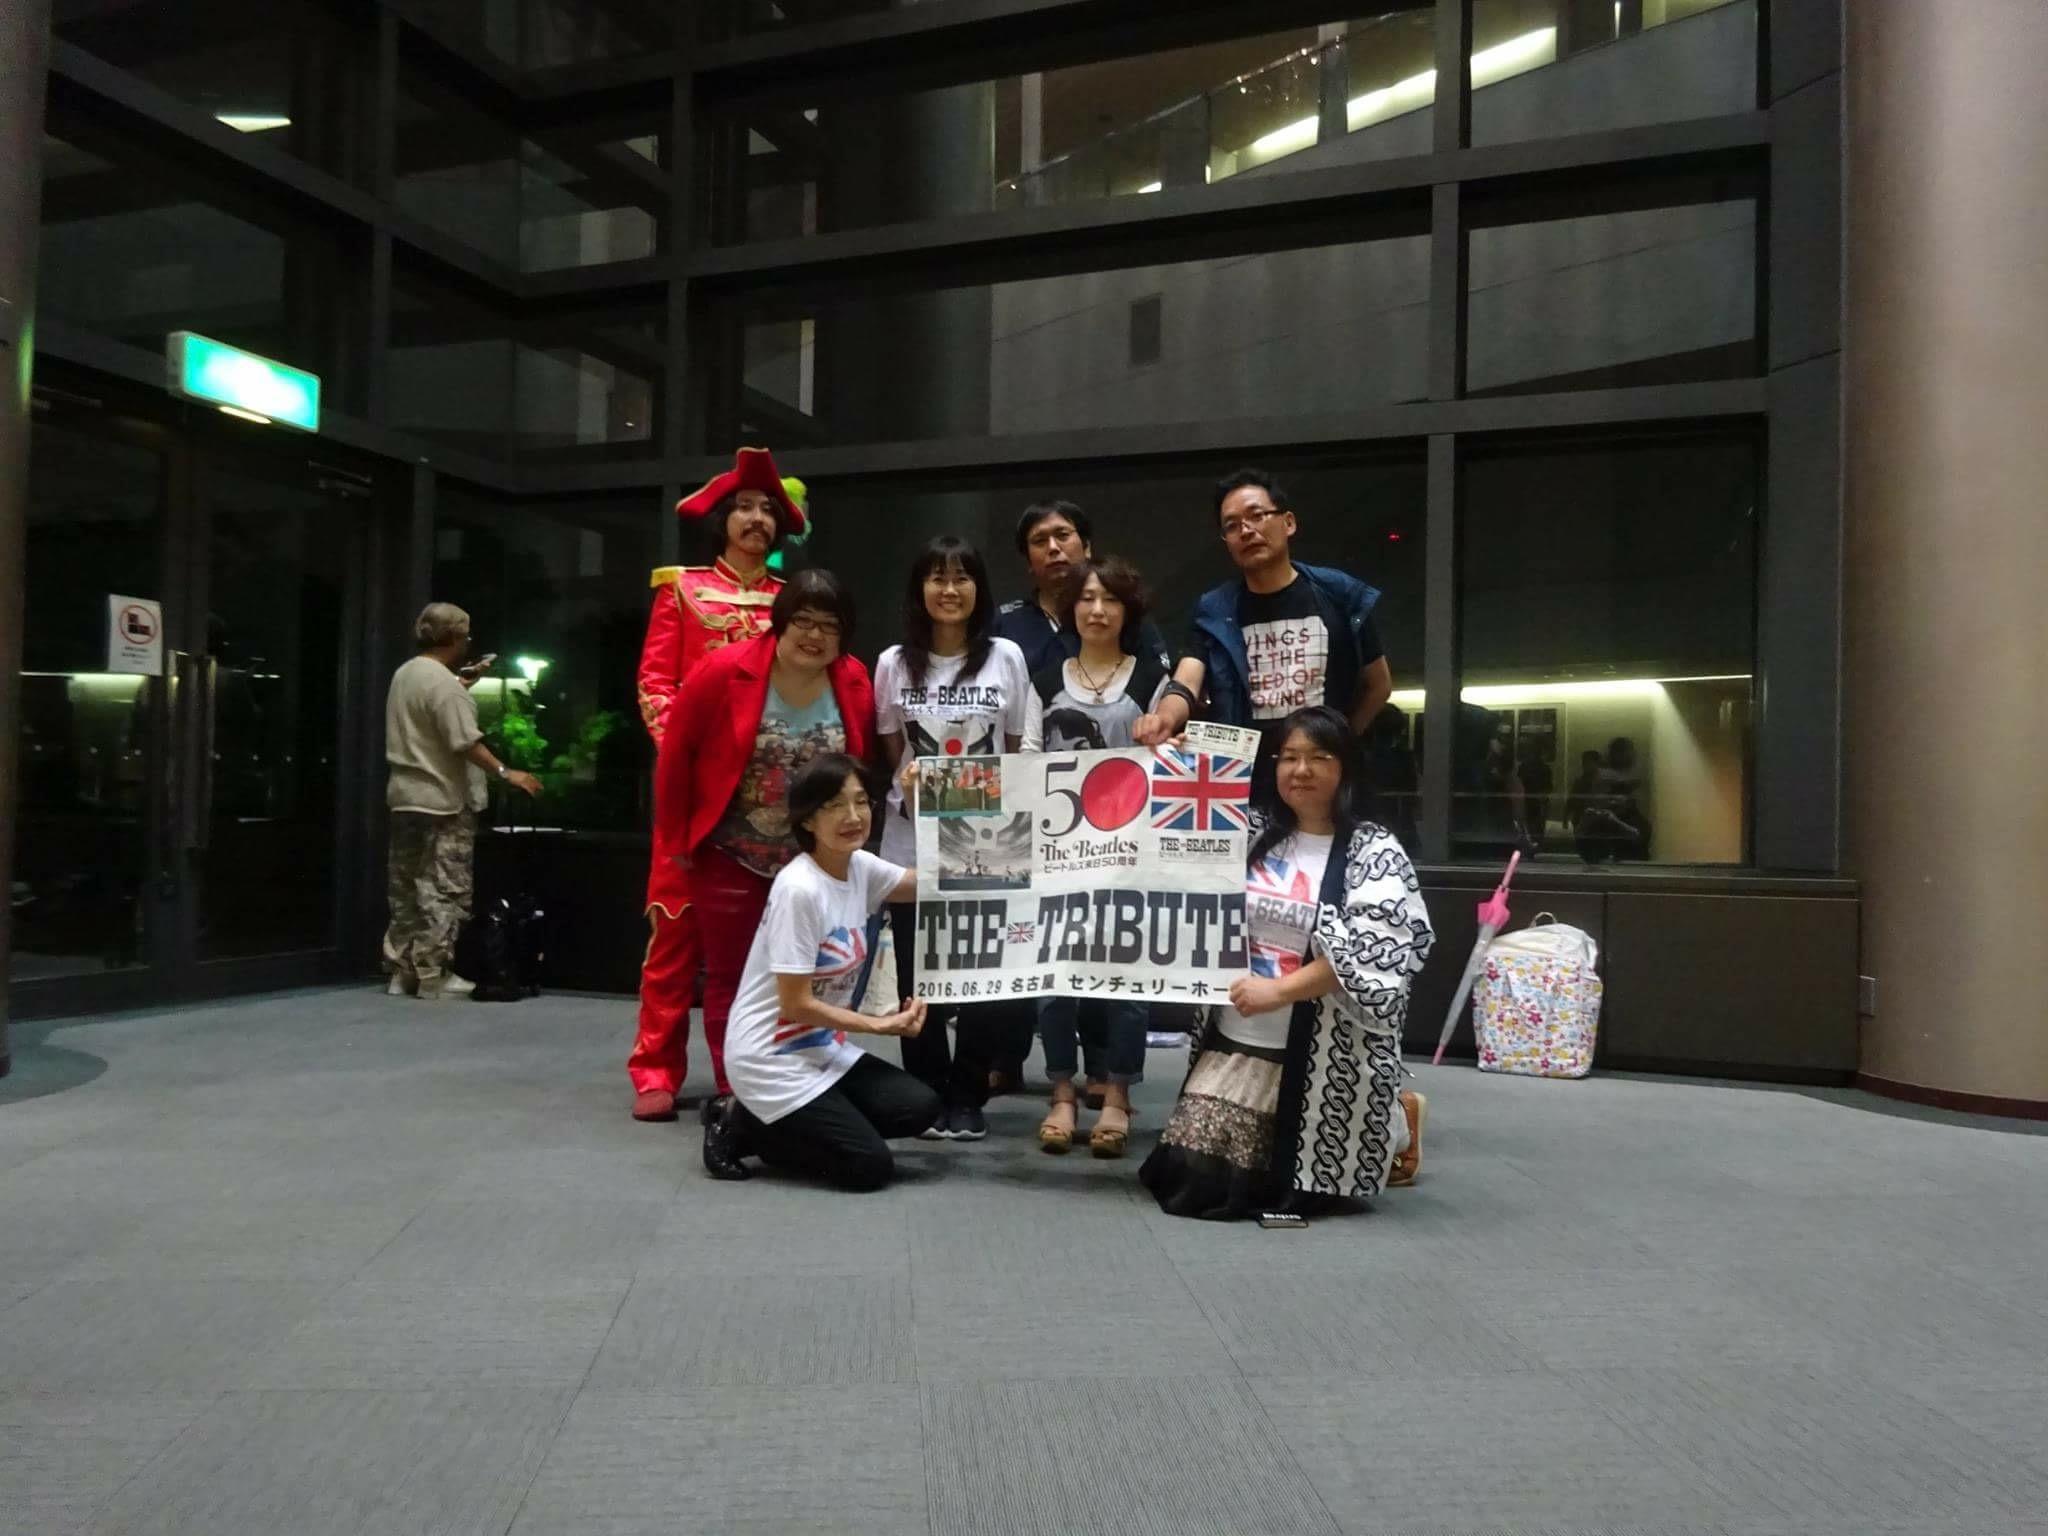 2016 6/29 THE TRIBUTE 集合写真 企画 名古屋会場